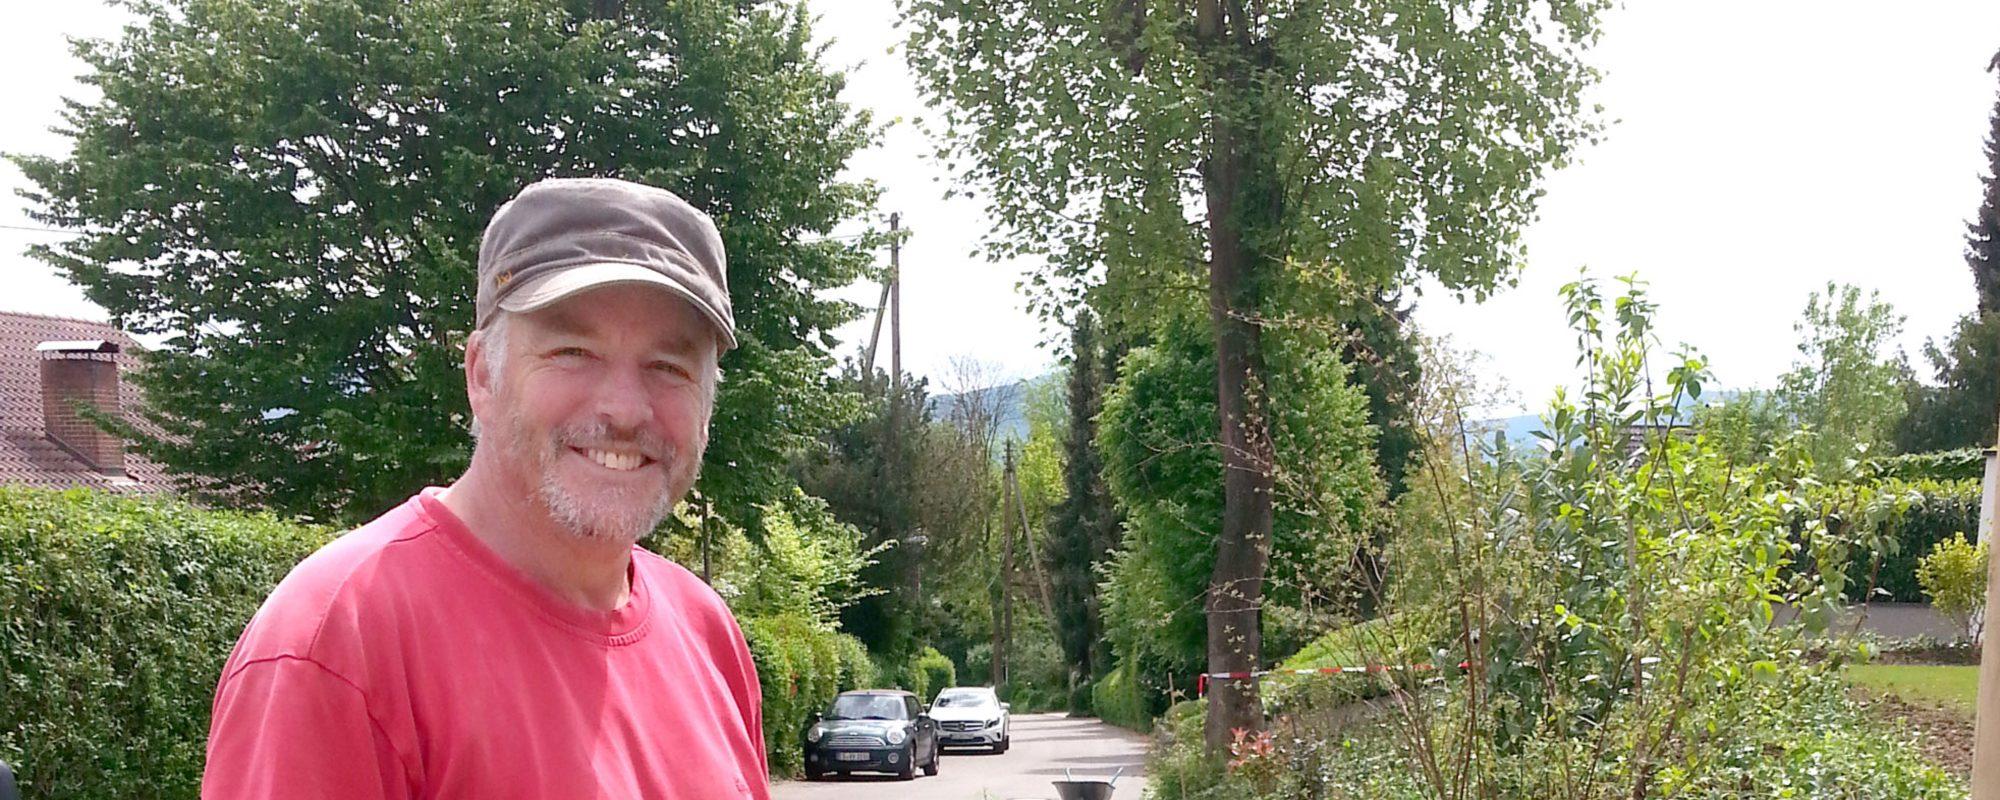 Peter Klett Garten und Landschaftsbau Kontakt